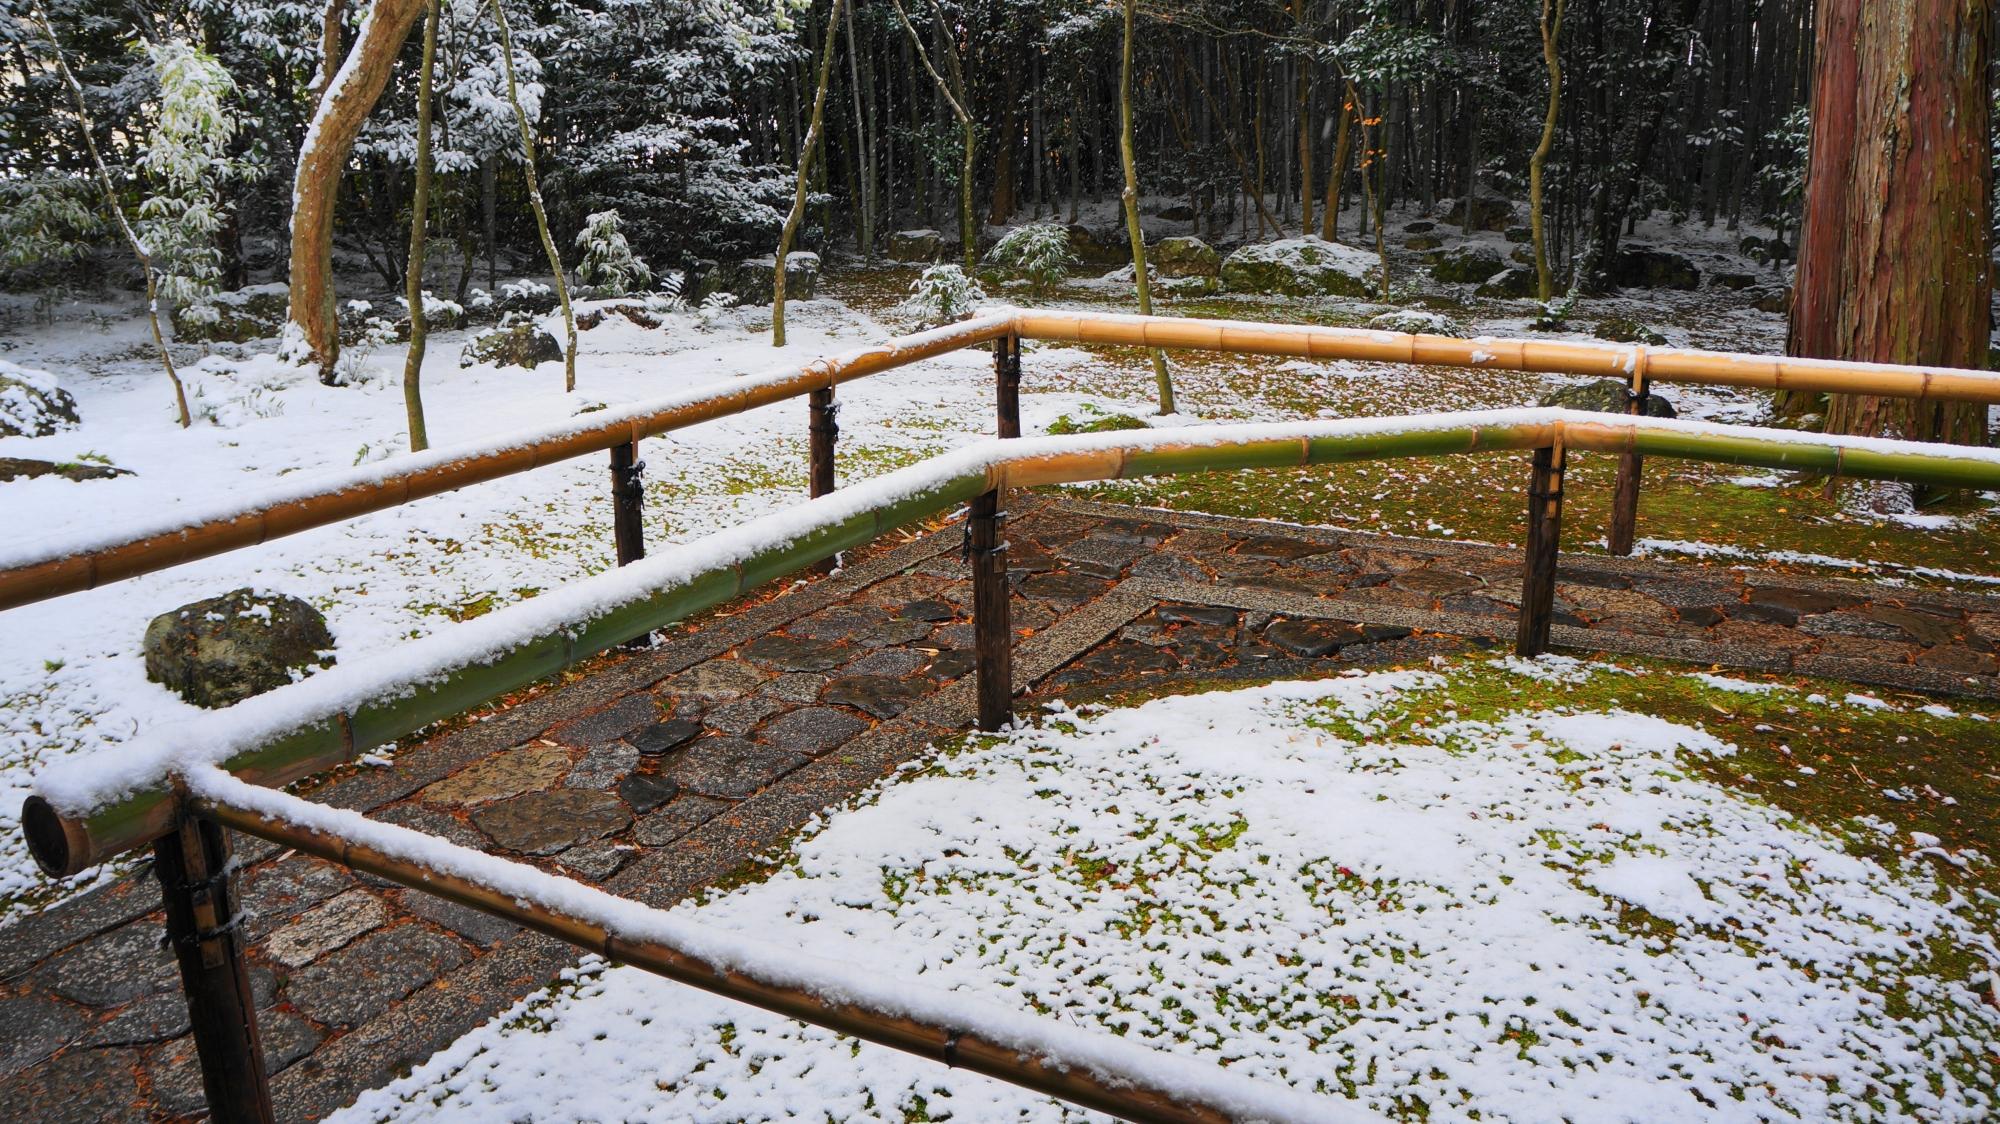 手摺の竹にも白い雪が積もる参道